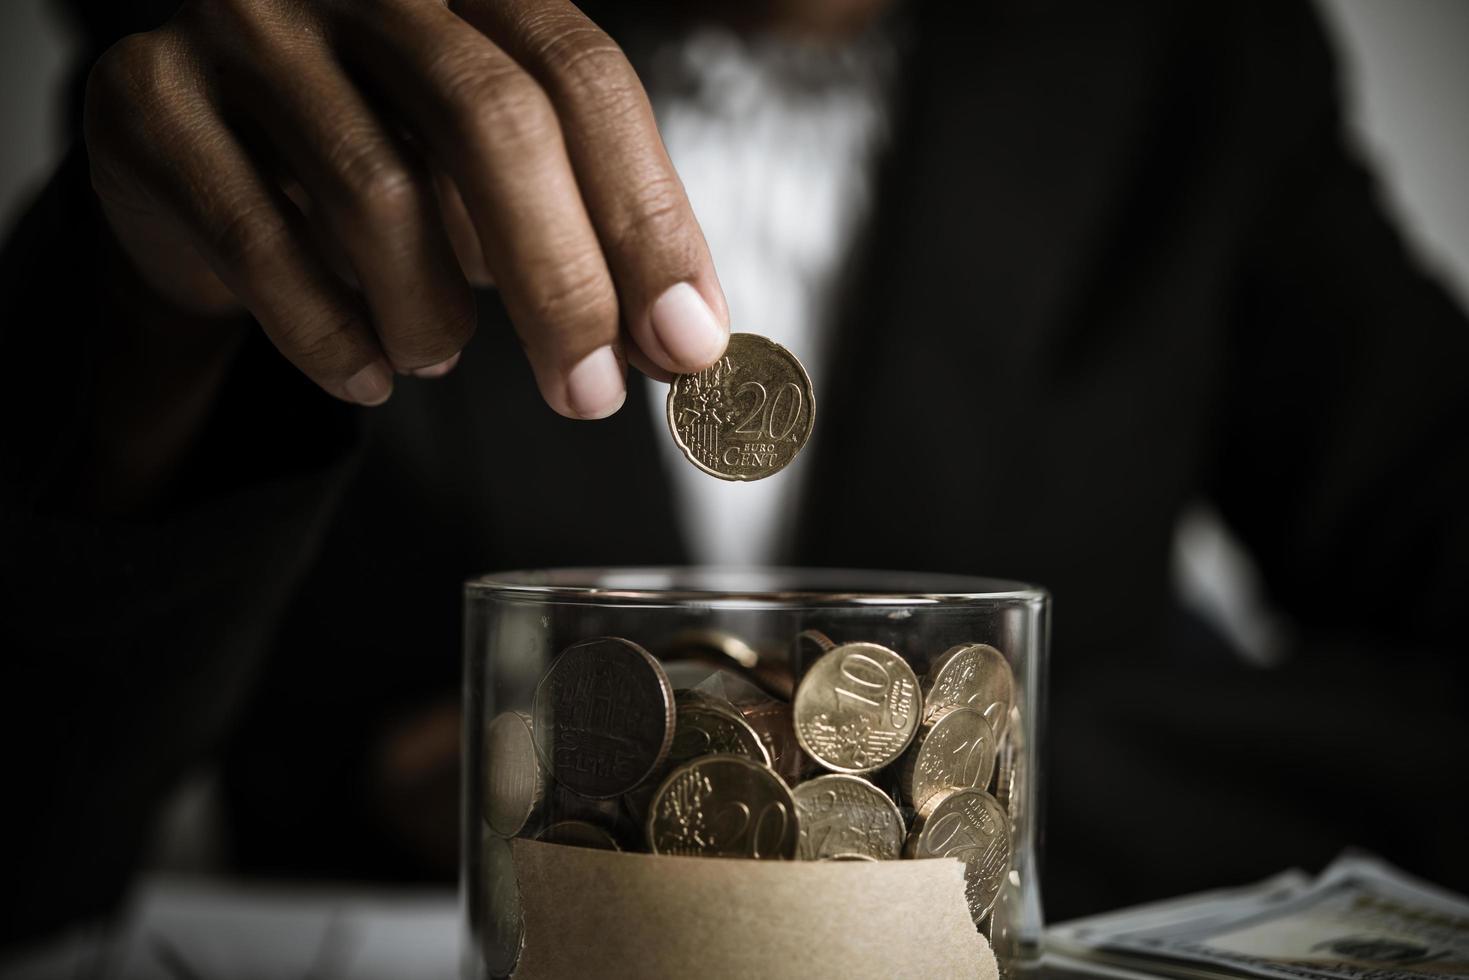 homme d & # 39; affaires donnant de l & # 39; argent à une œuvre de bienfaisance photo